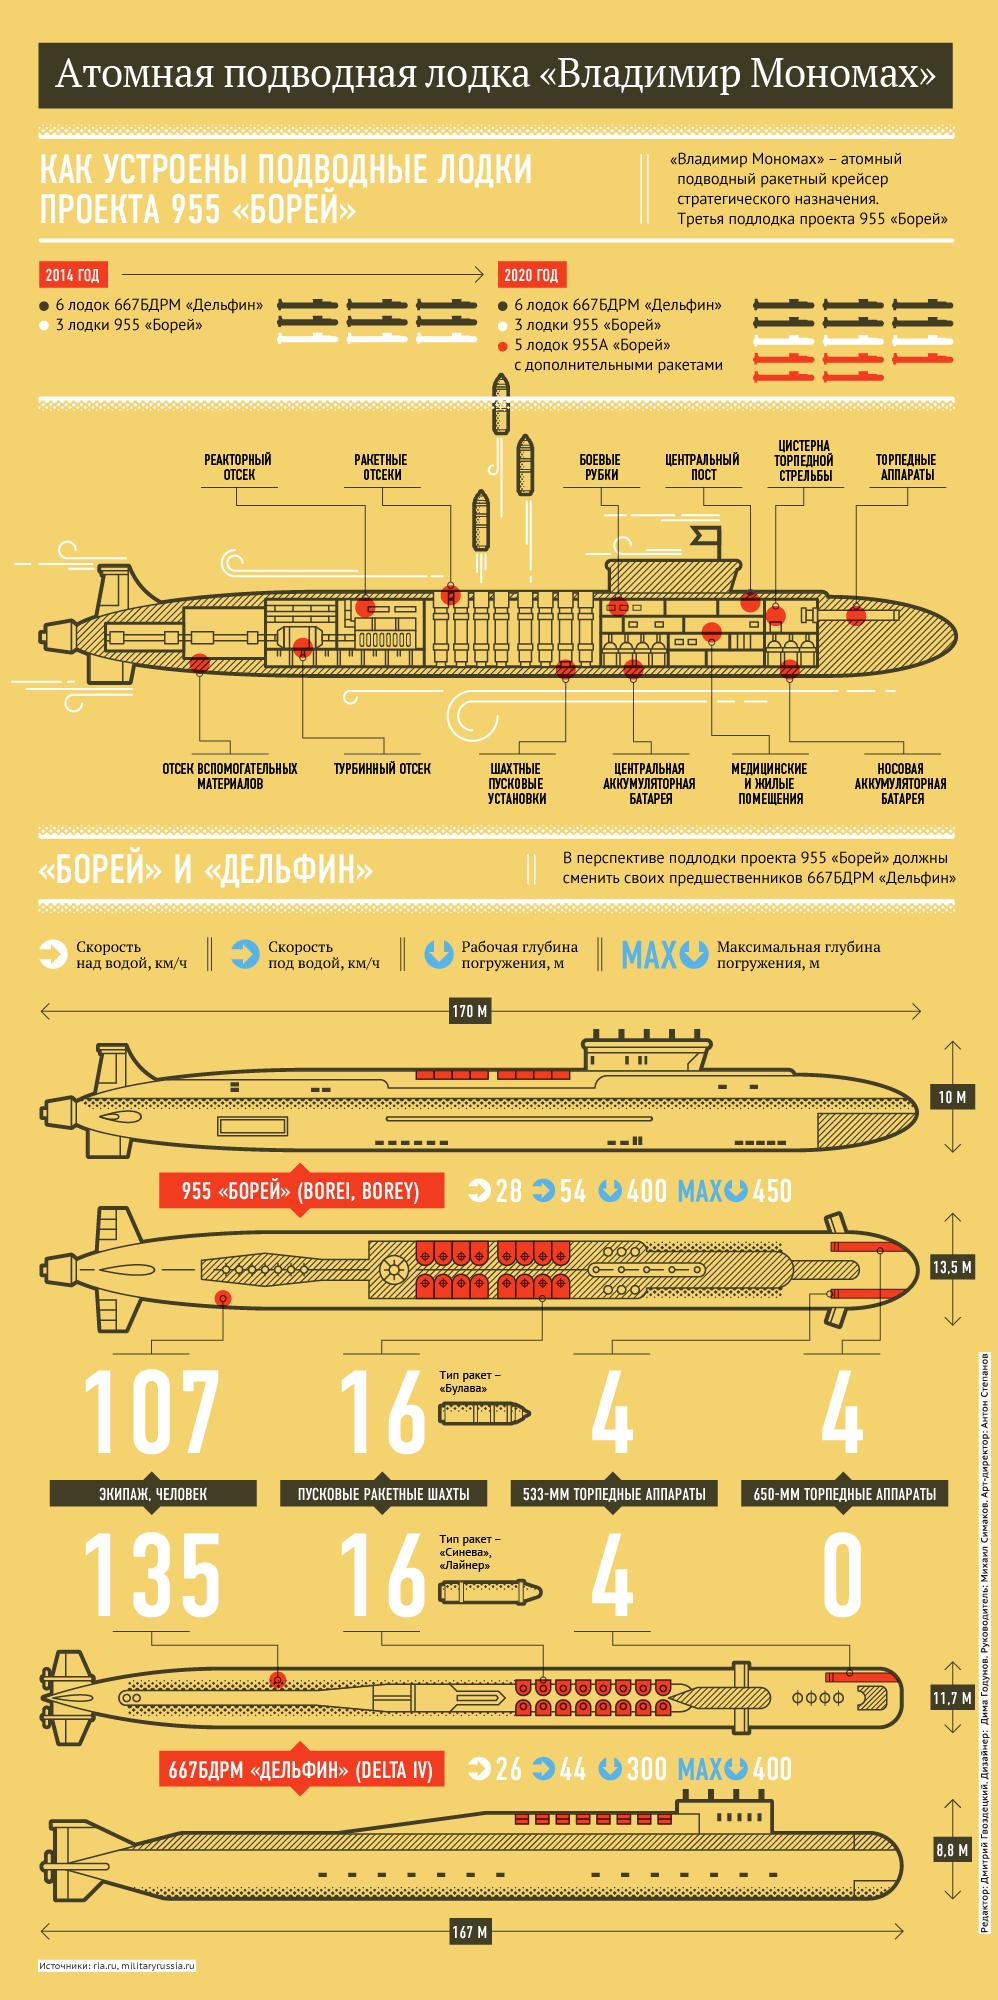 Атомная подводная лодка Владимир Мономах - Sputnik Абхазия